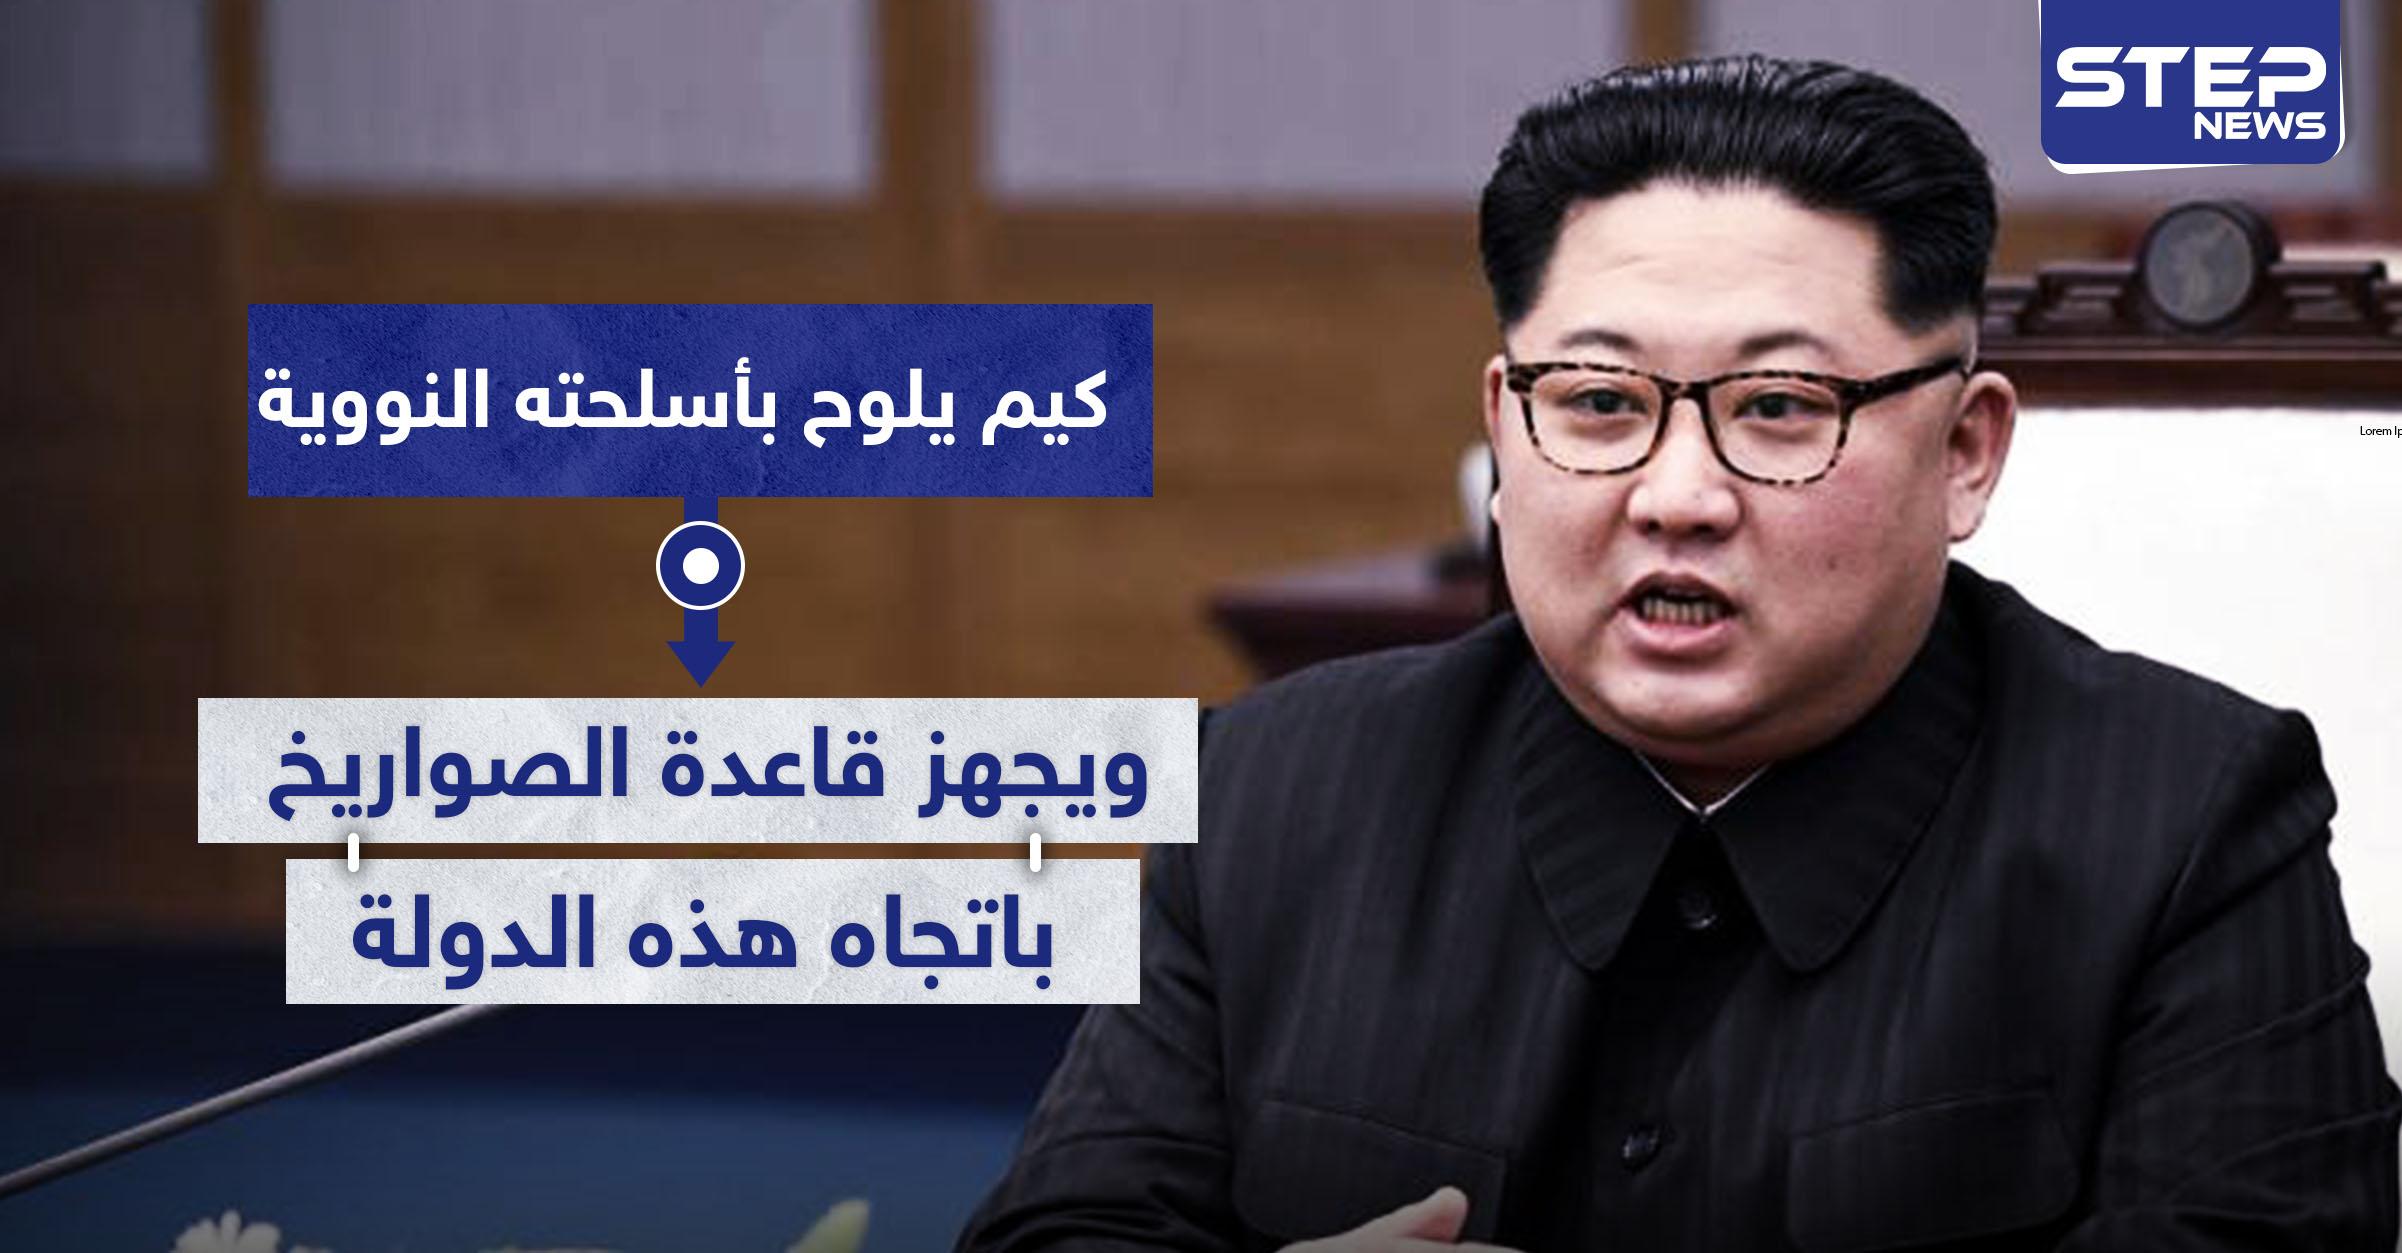 زعيم كوريا الشمالية يهدد بالسلاح النووي